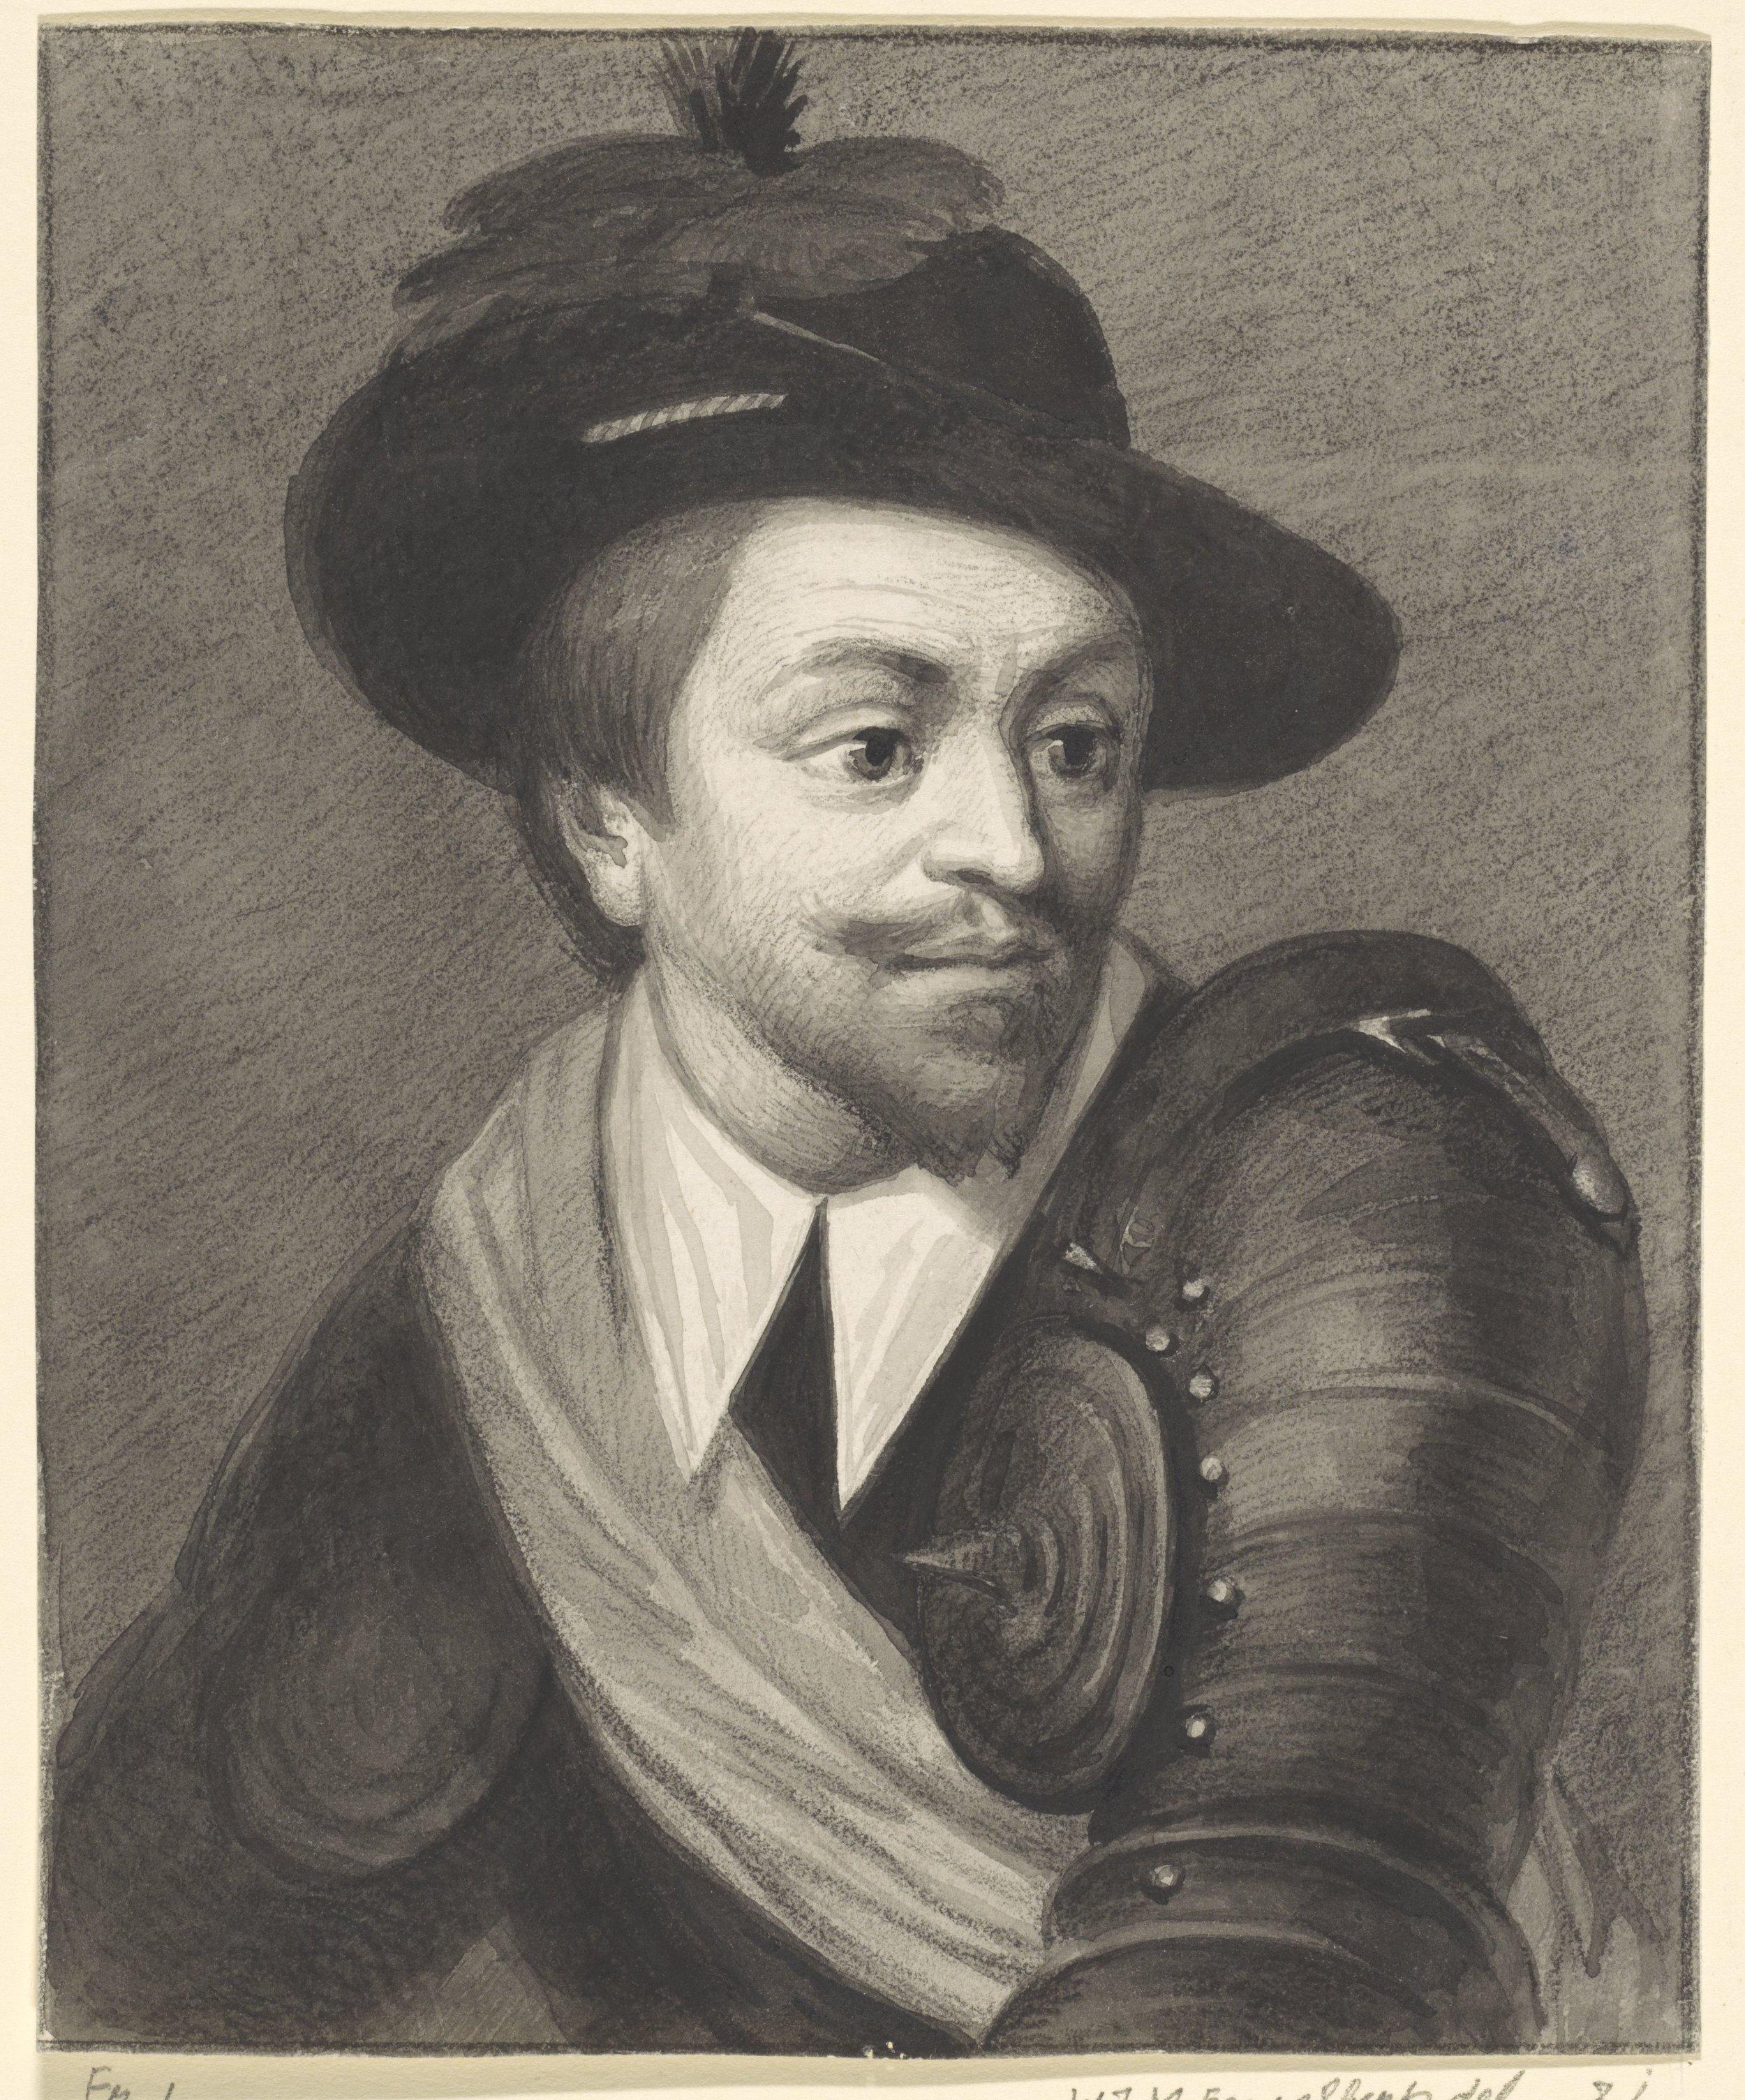 Portret van Adolf, graaf van Nassau, Willem Jodocus Mattheus Engelberts, 1809 - 1871